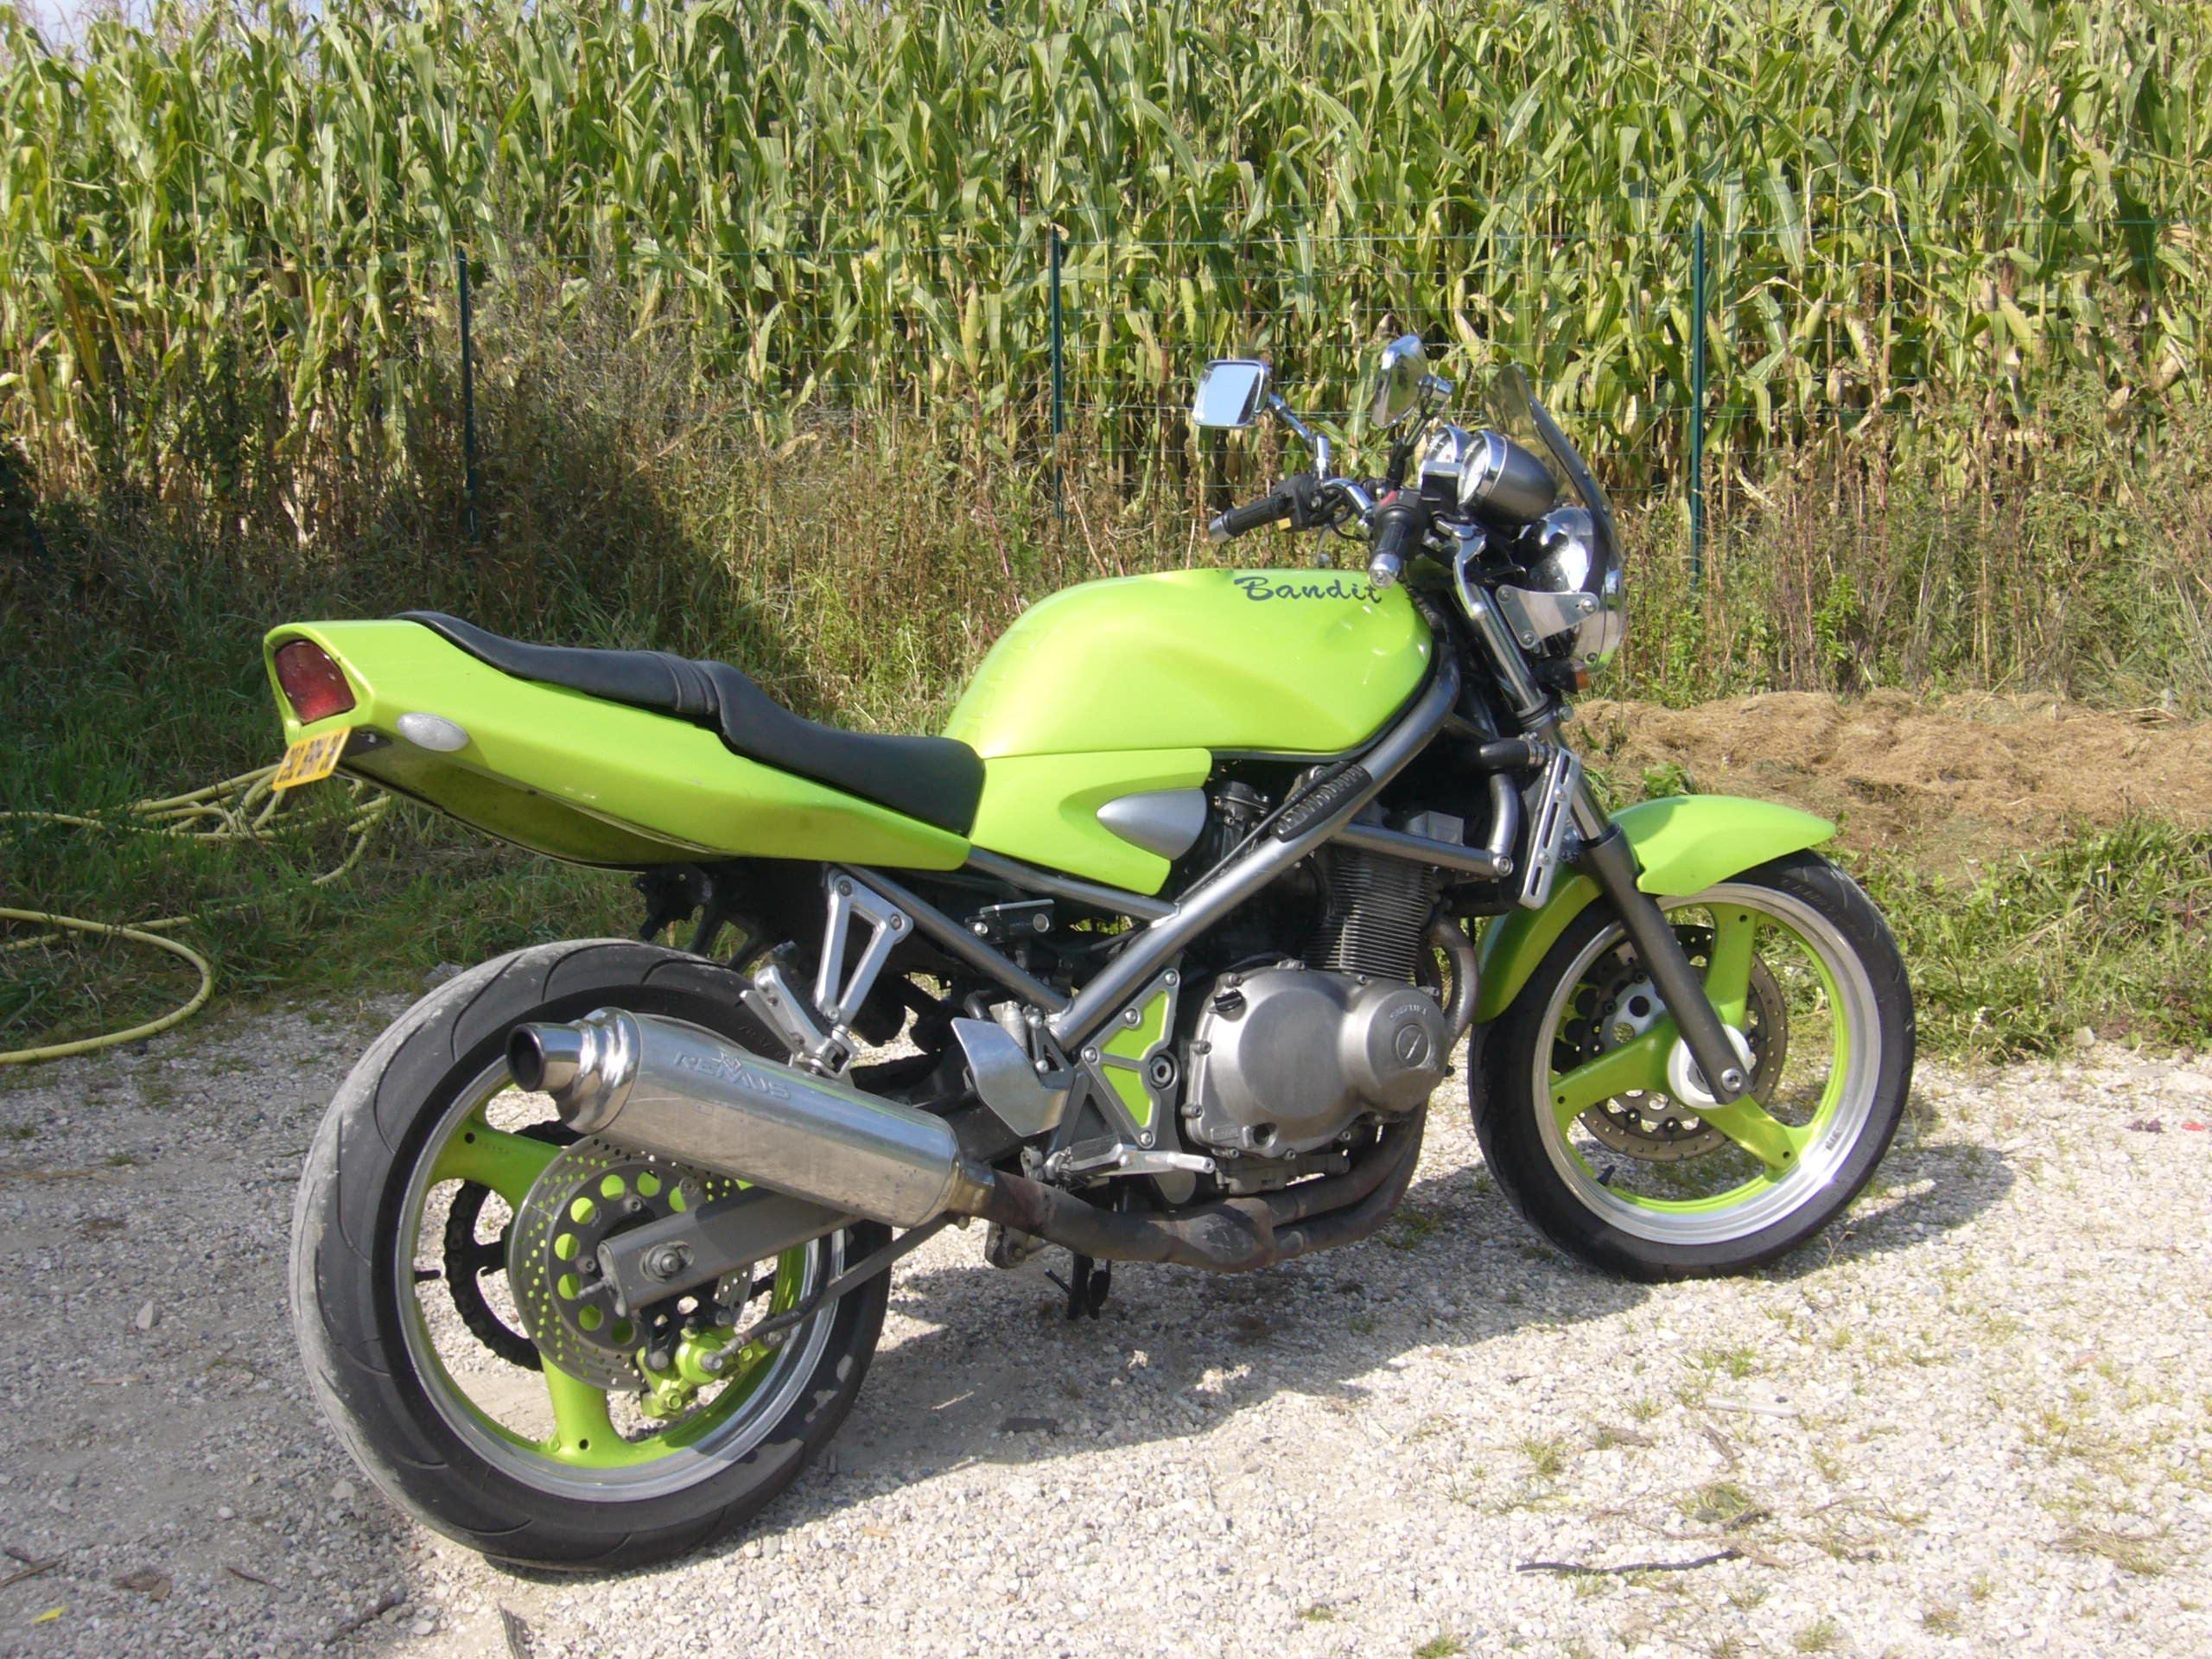 mes photos de mes motos 435753bandit1